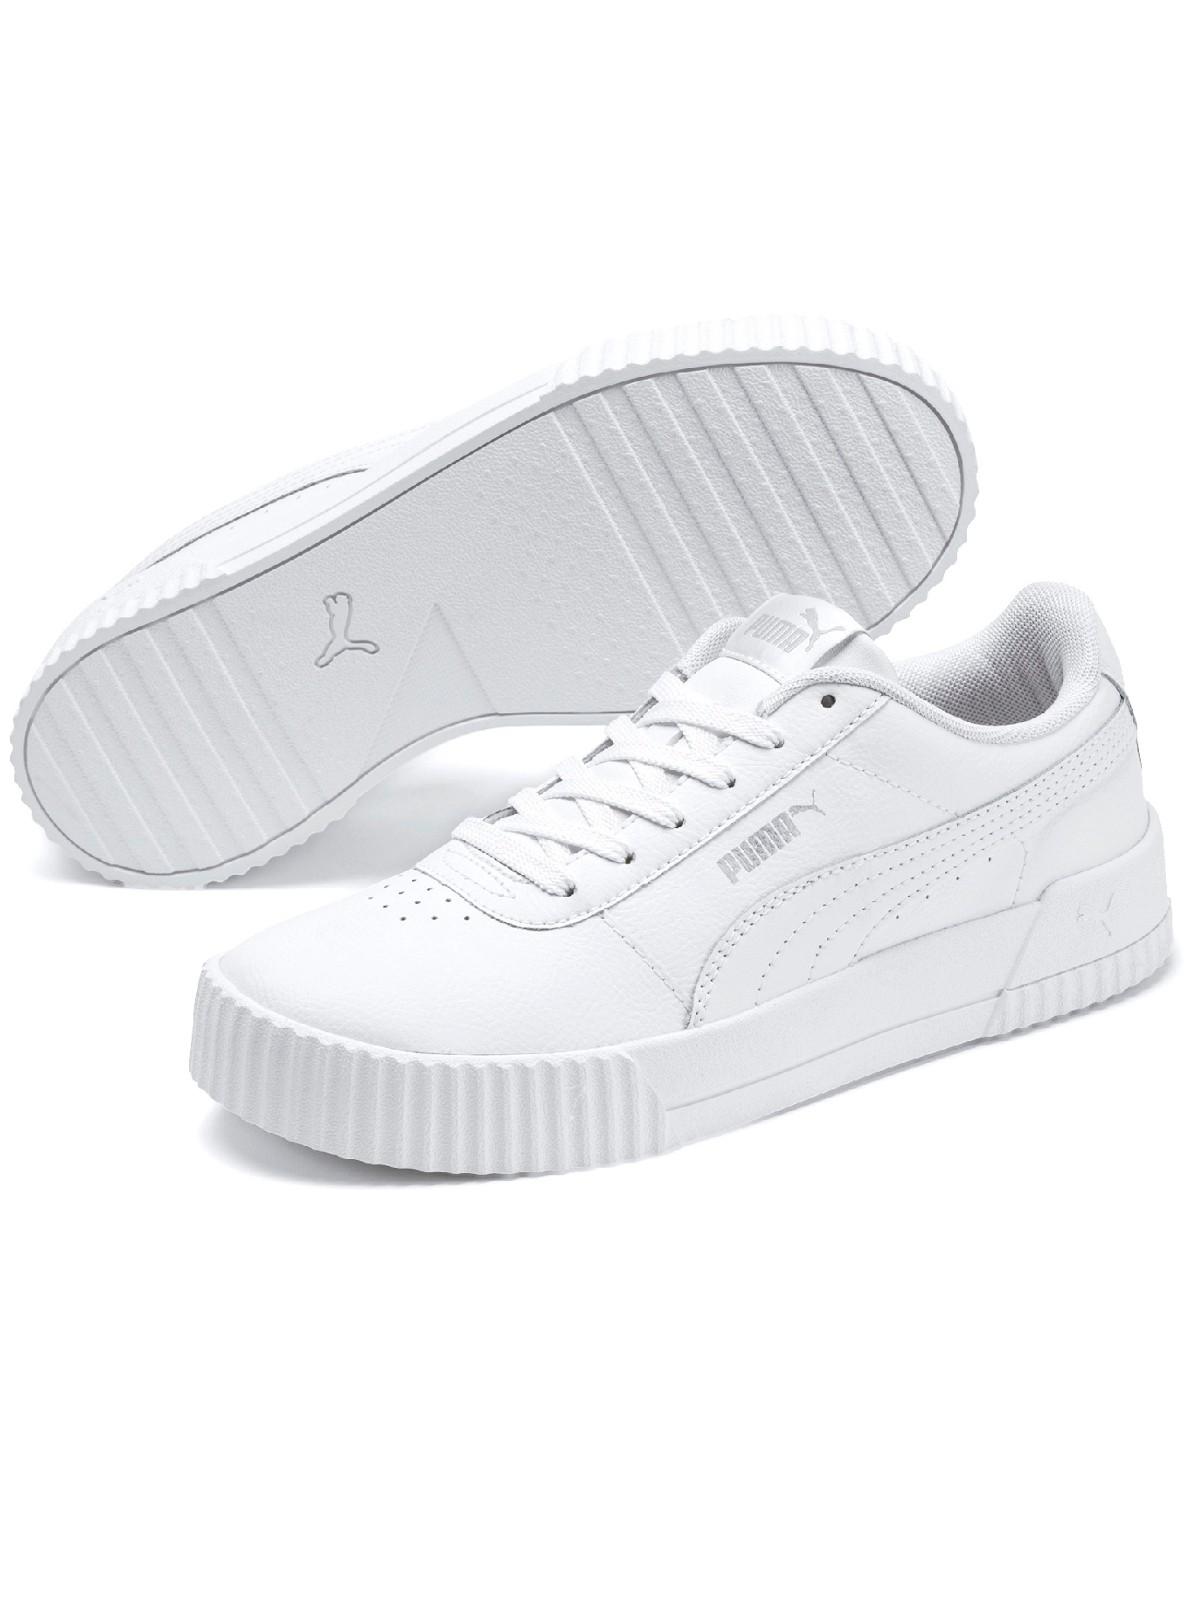 Baskets Puma blanche femme (36 41) DistriCenter